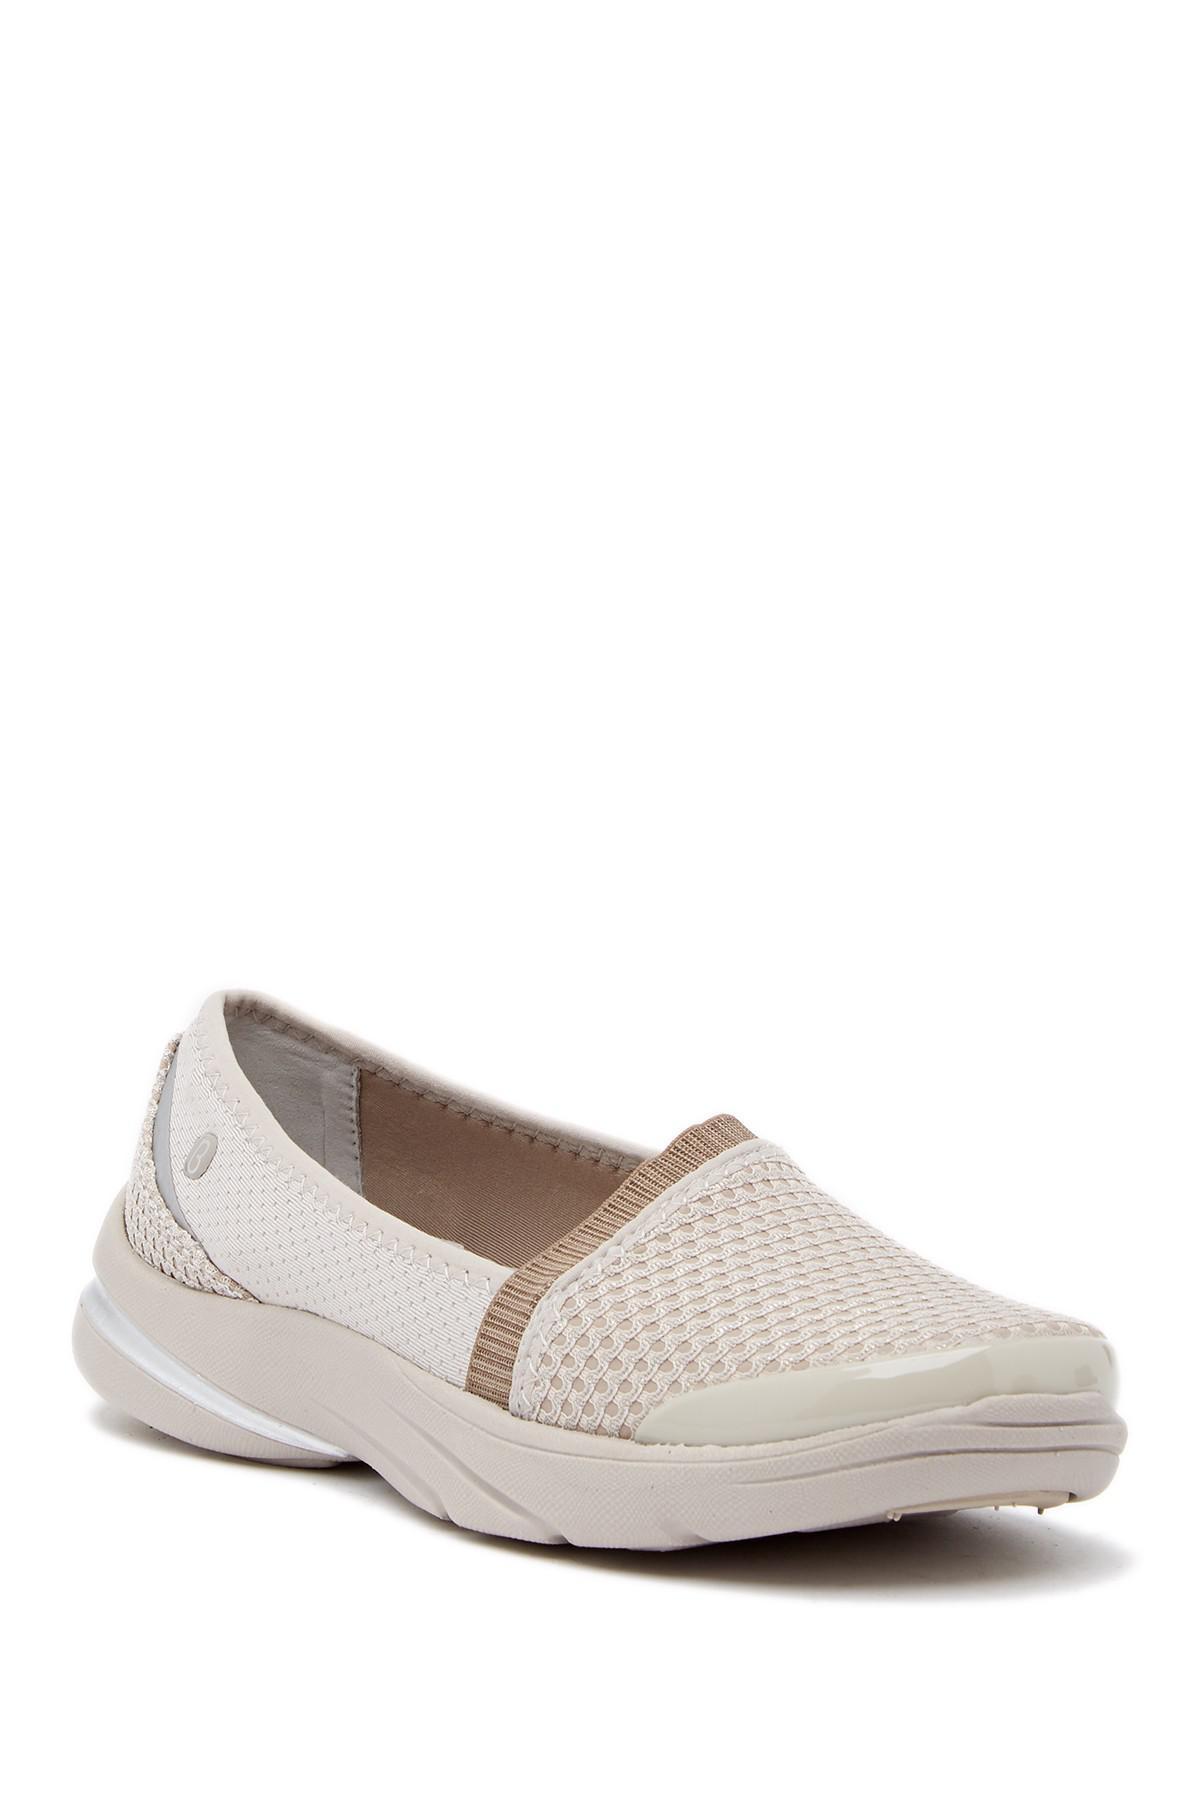 f51c32708b36 Bzees. Women s Lollipop Slip-on Sneaker - Wide Width Available